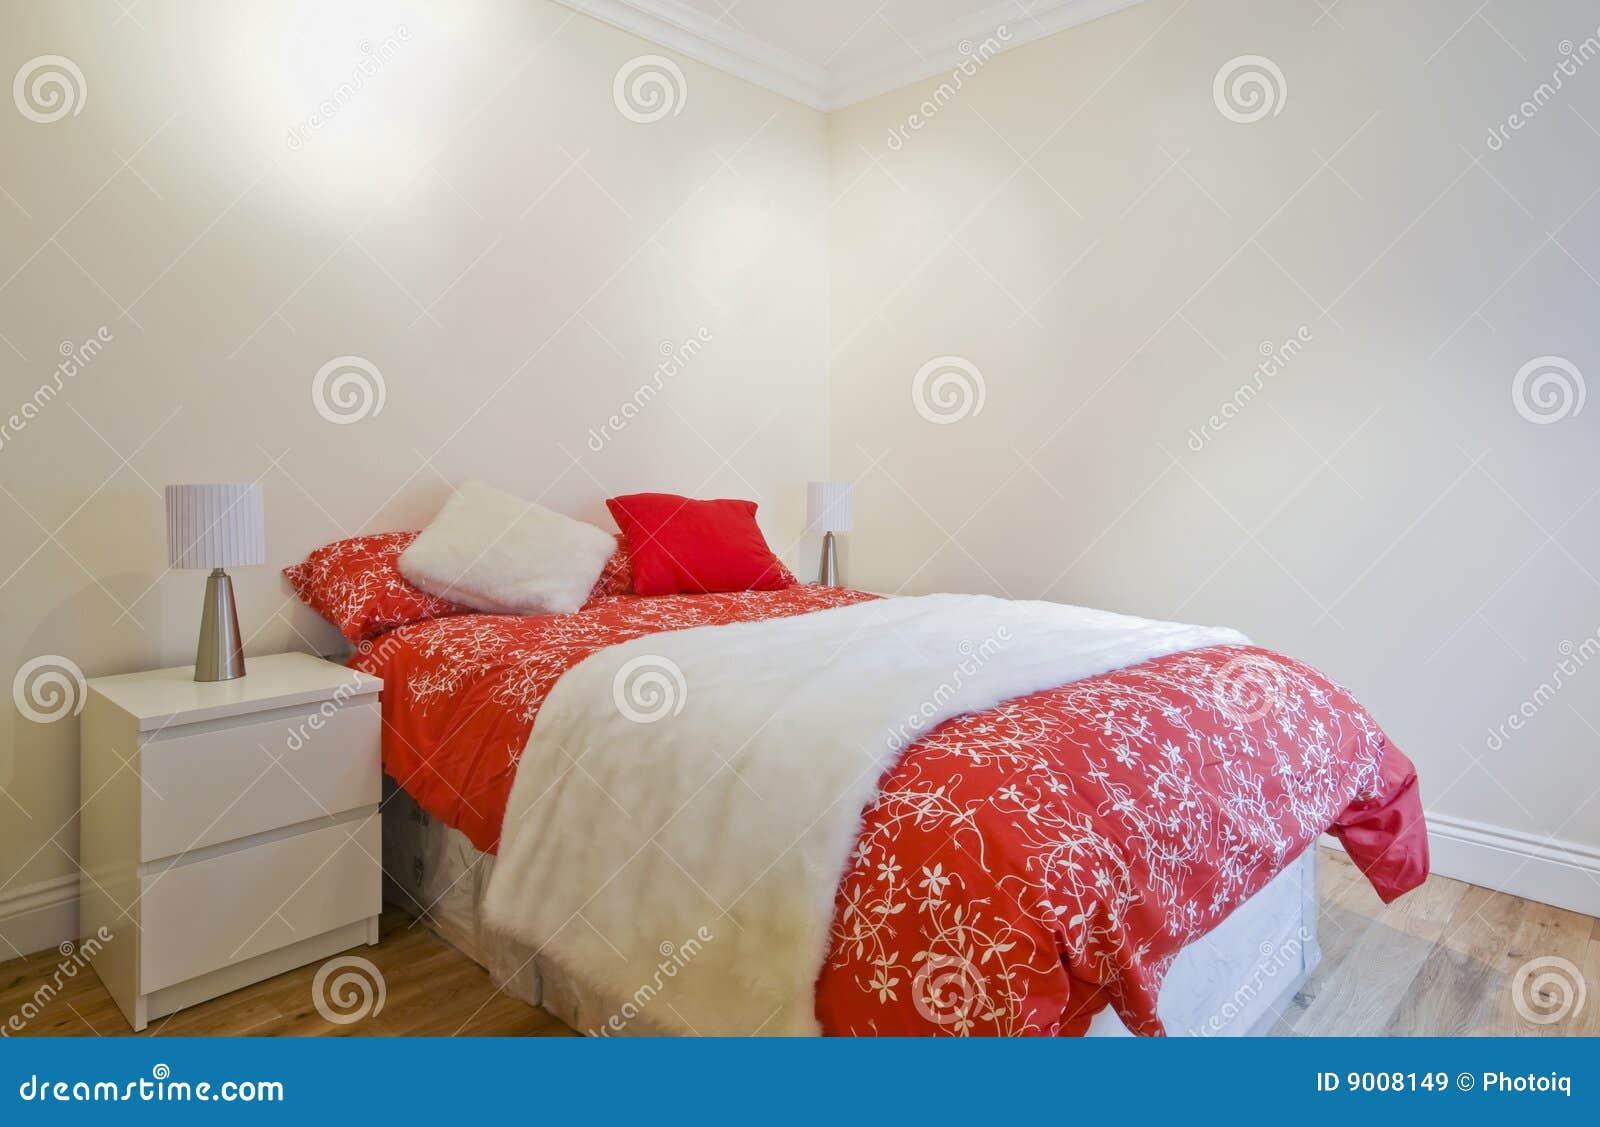 Slaapkamer rood de rode slaapkamer van luxe royalty vrije stock foto s kleurig rood - Eigentijdse woonkamer decoratie ...